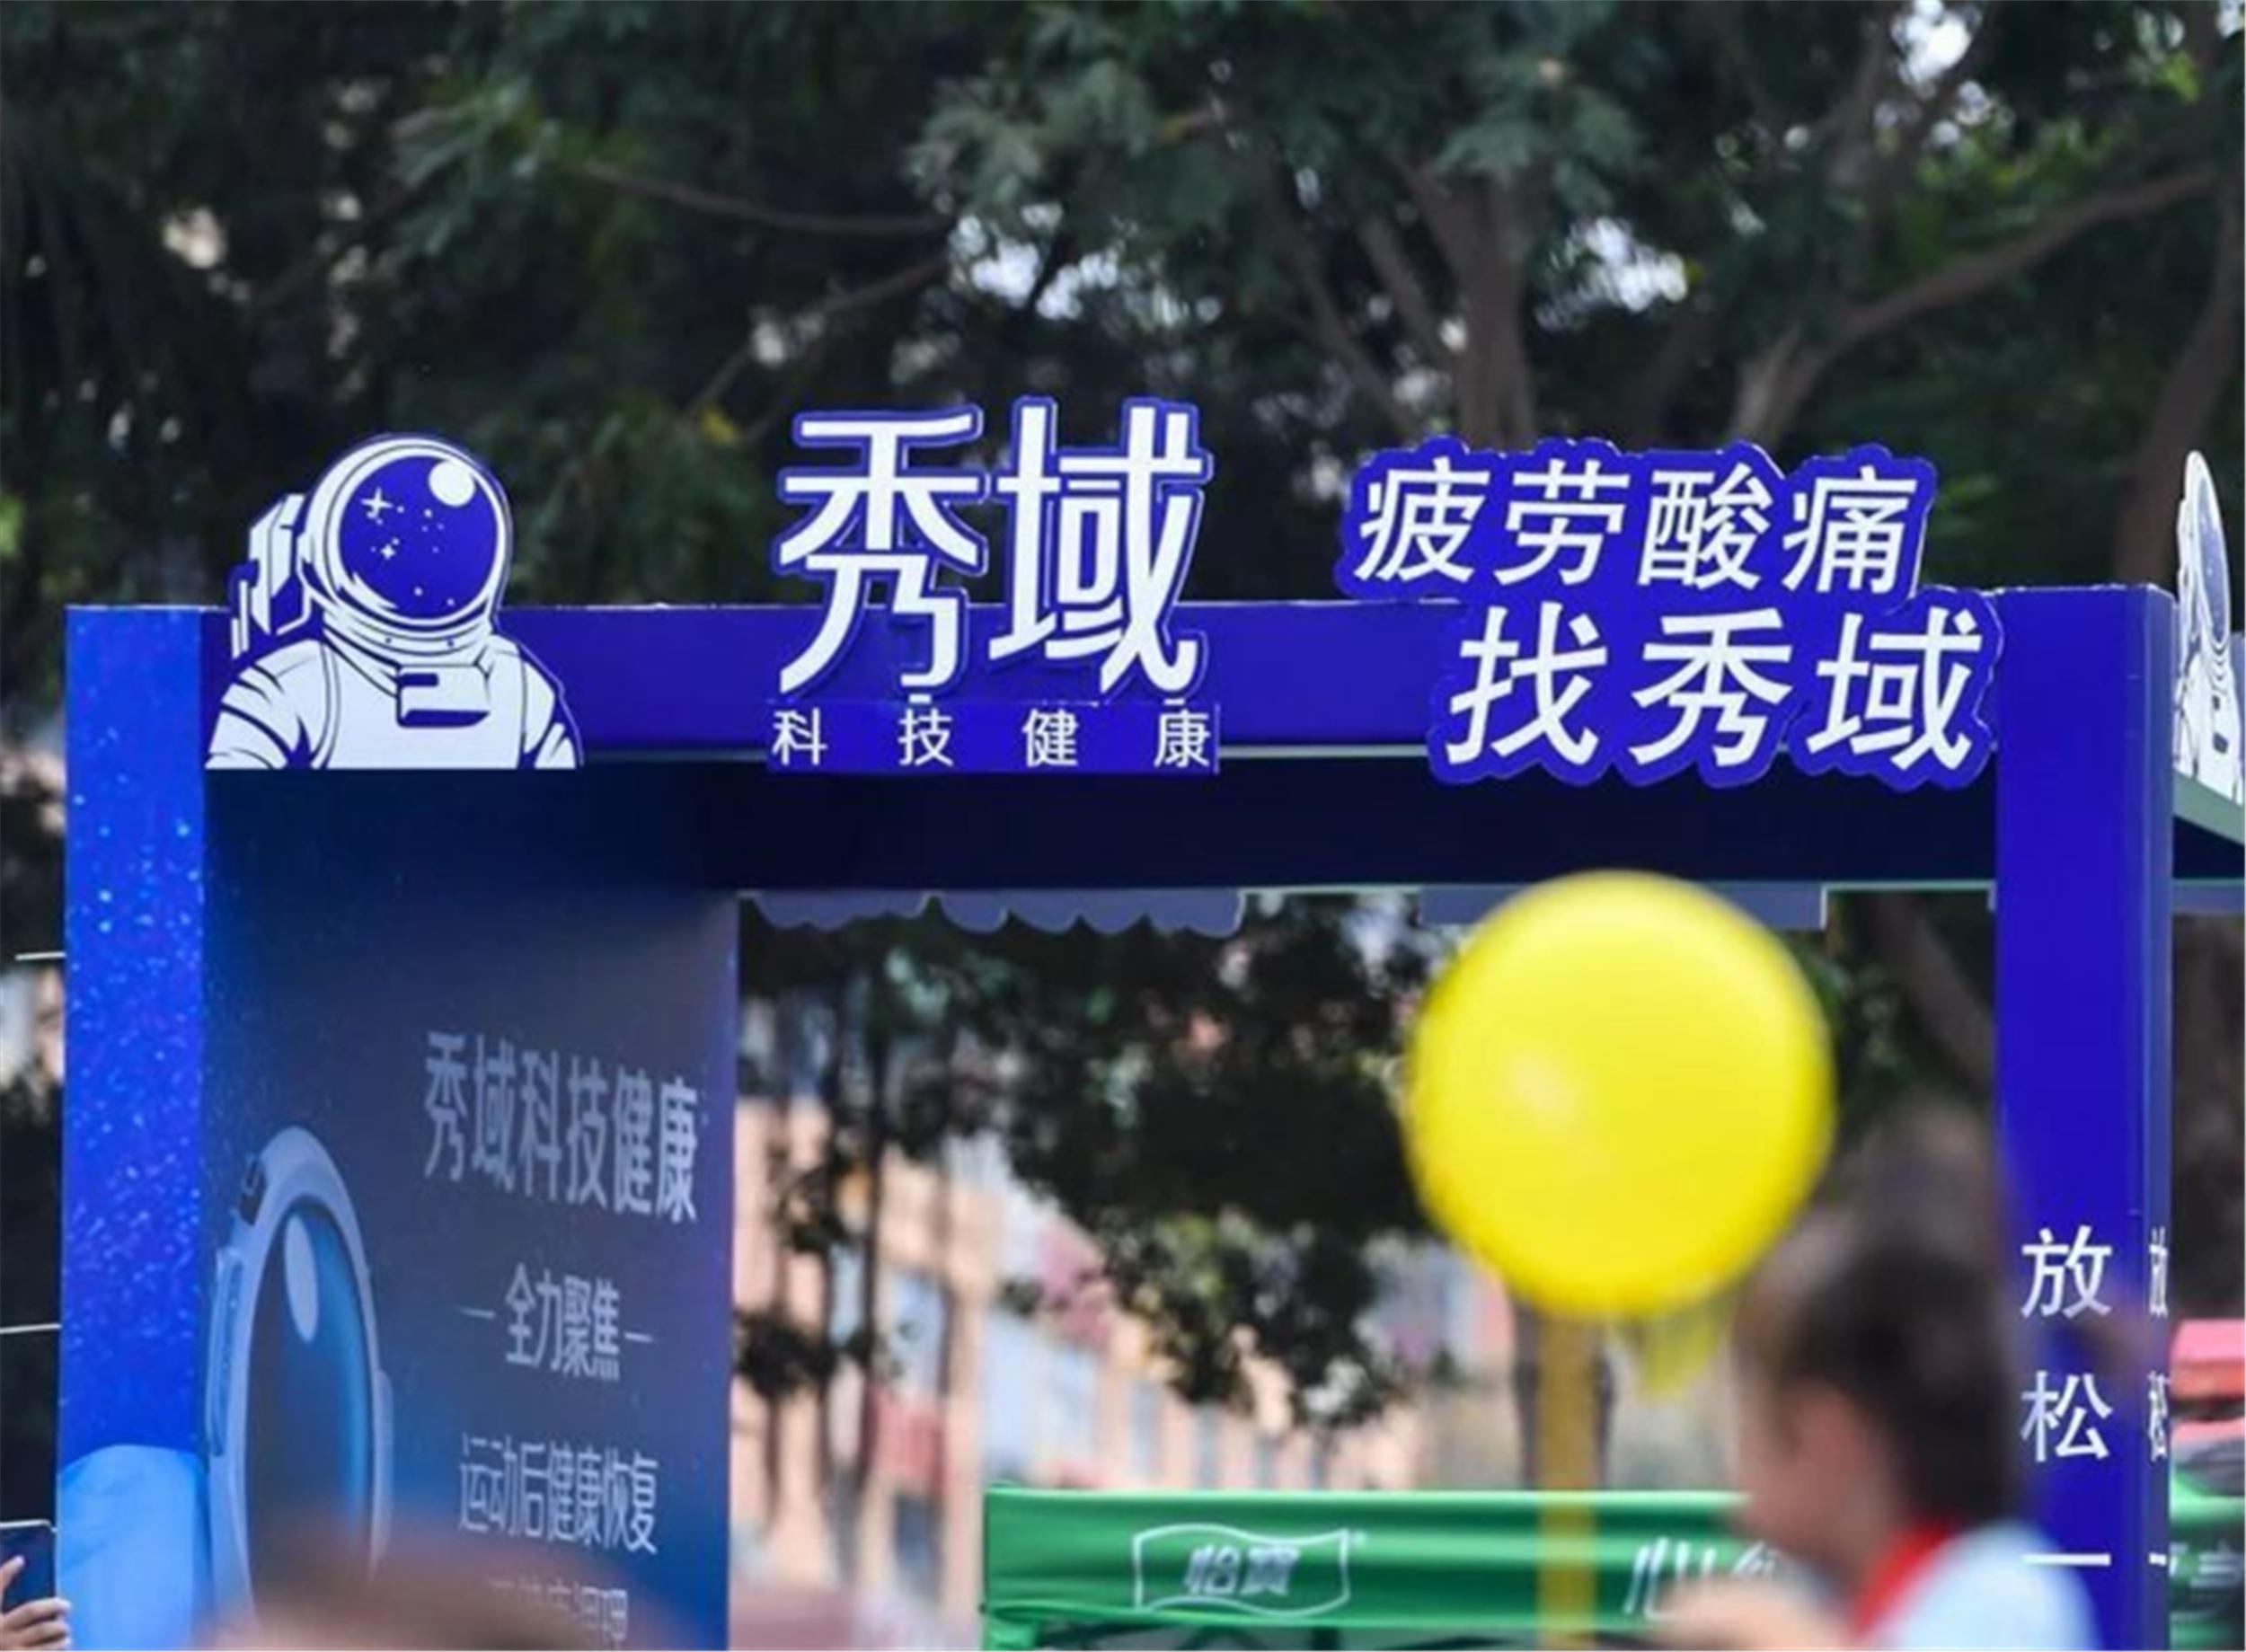 秀域&盼盼:嗨跑三亚,携手助力海南国际马拉松开跑